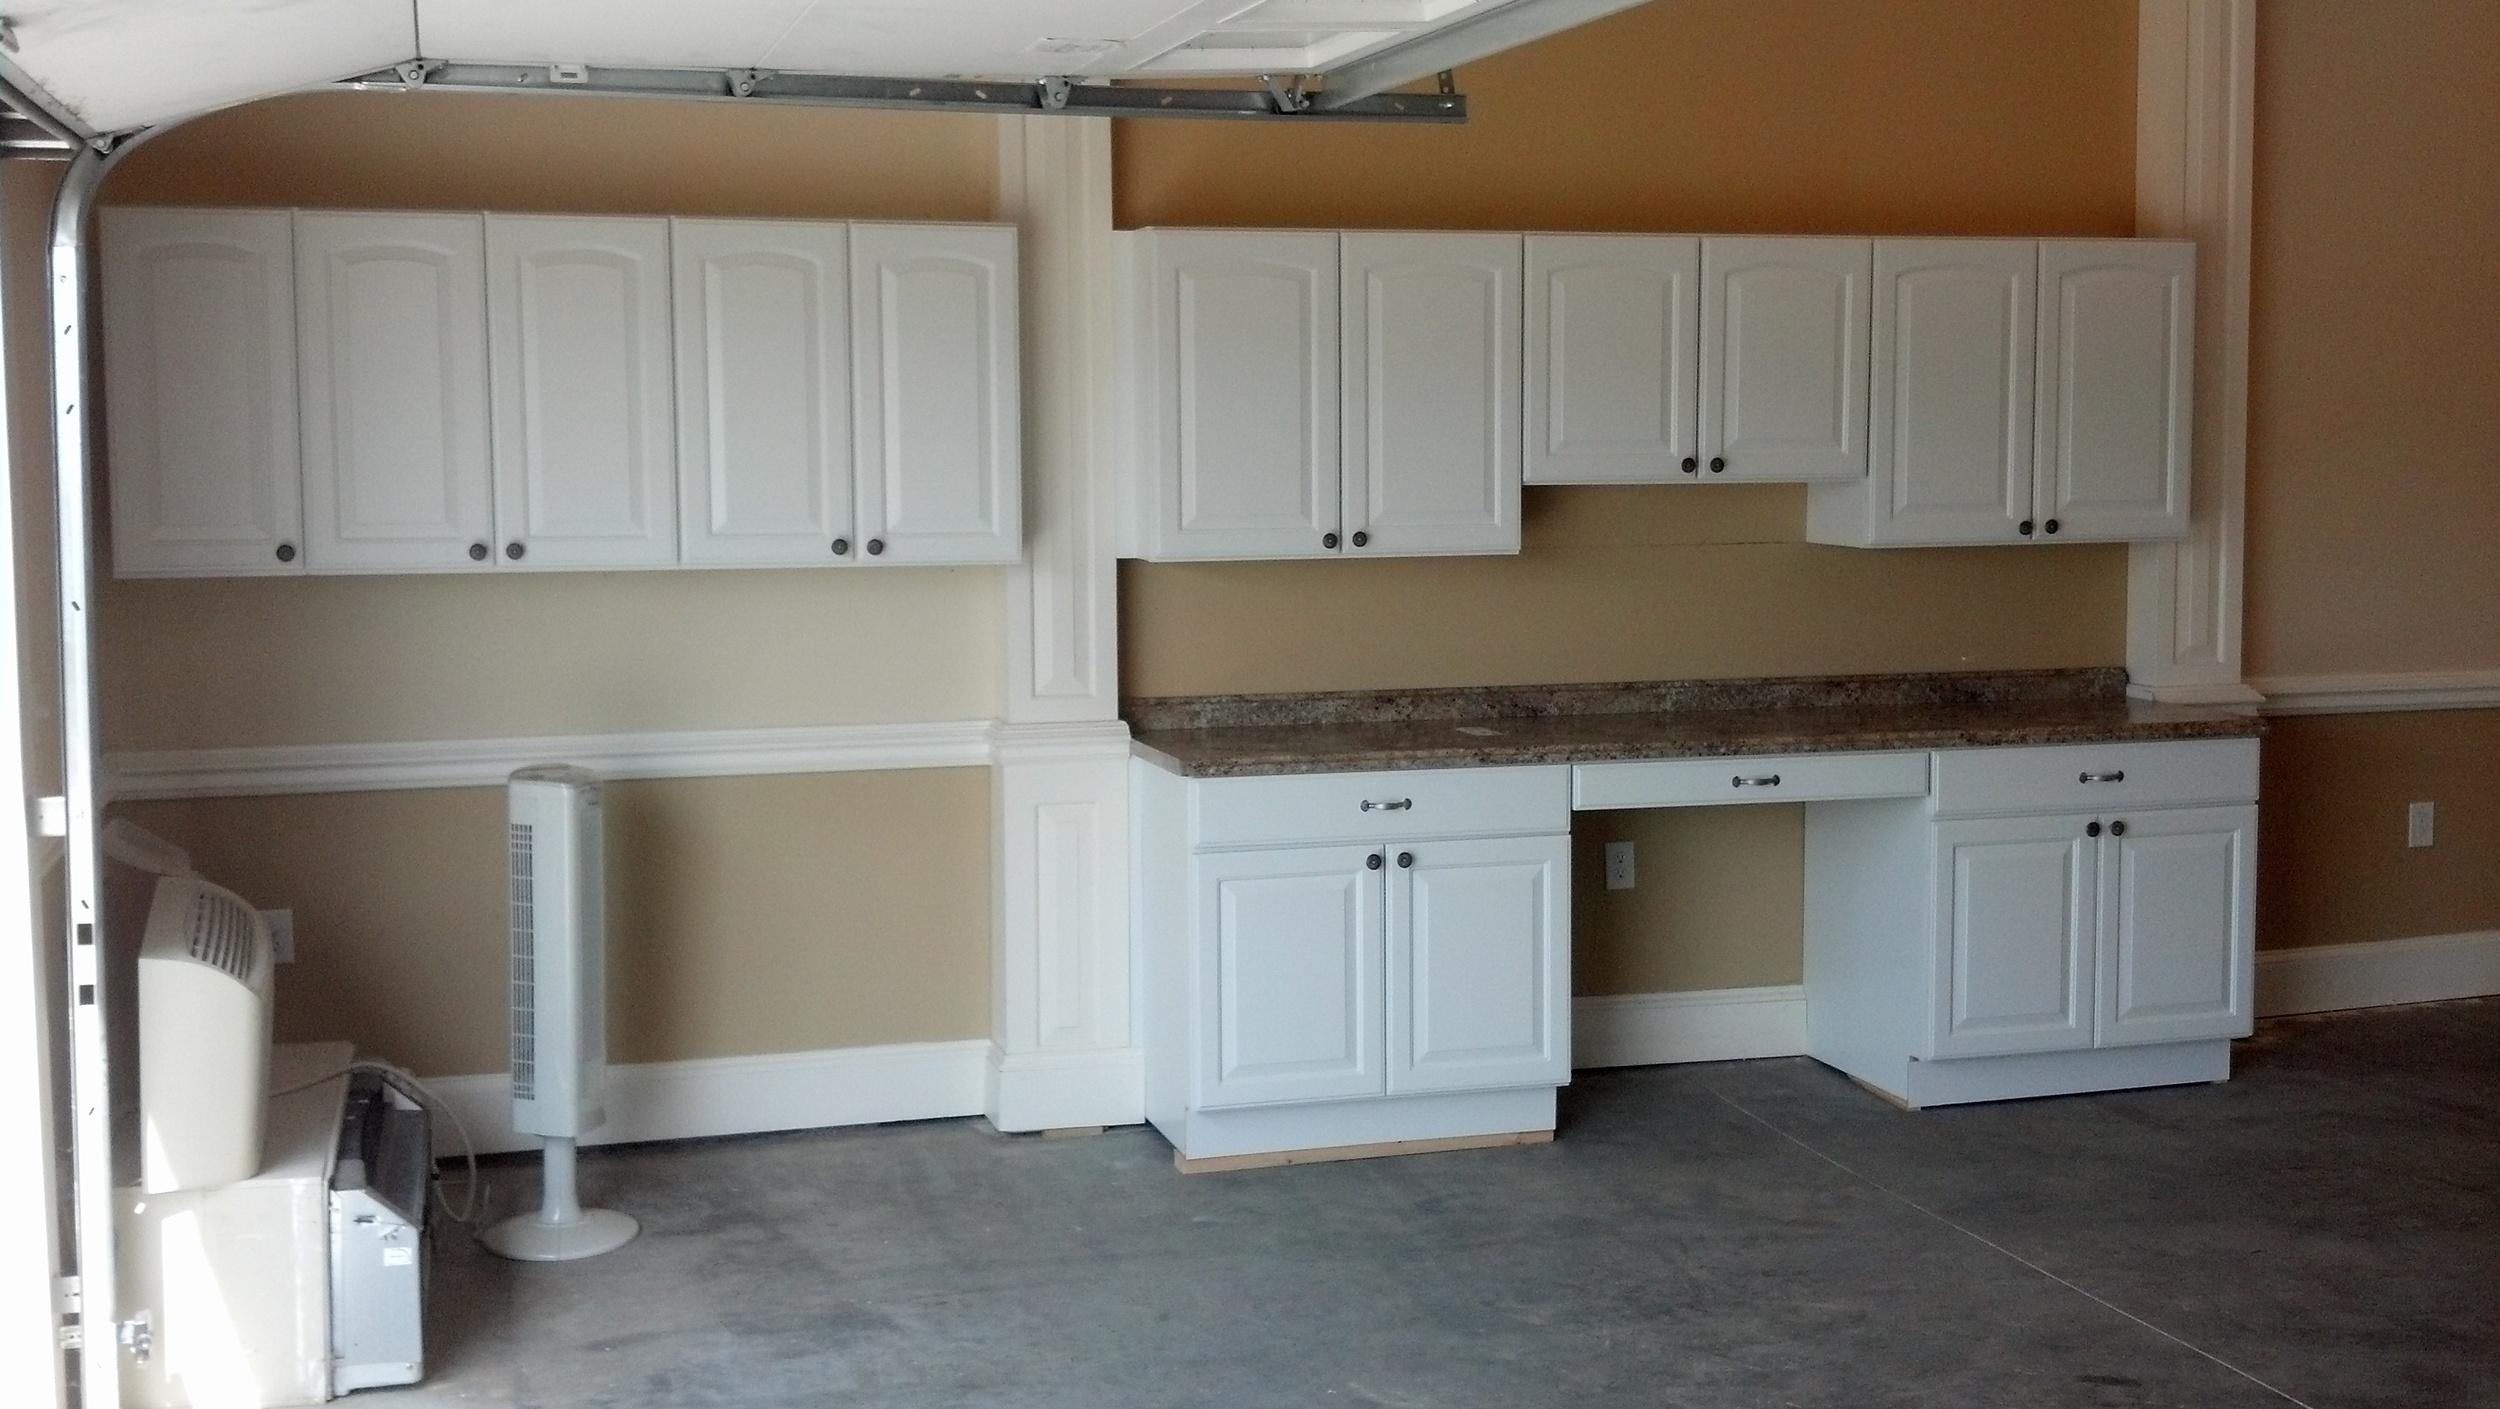 Goshen Garage Cabinets Installation